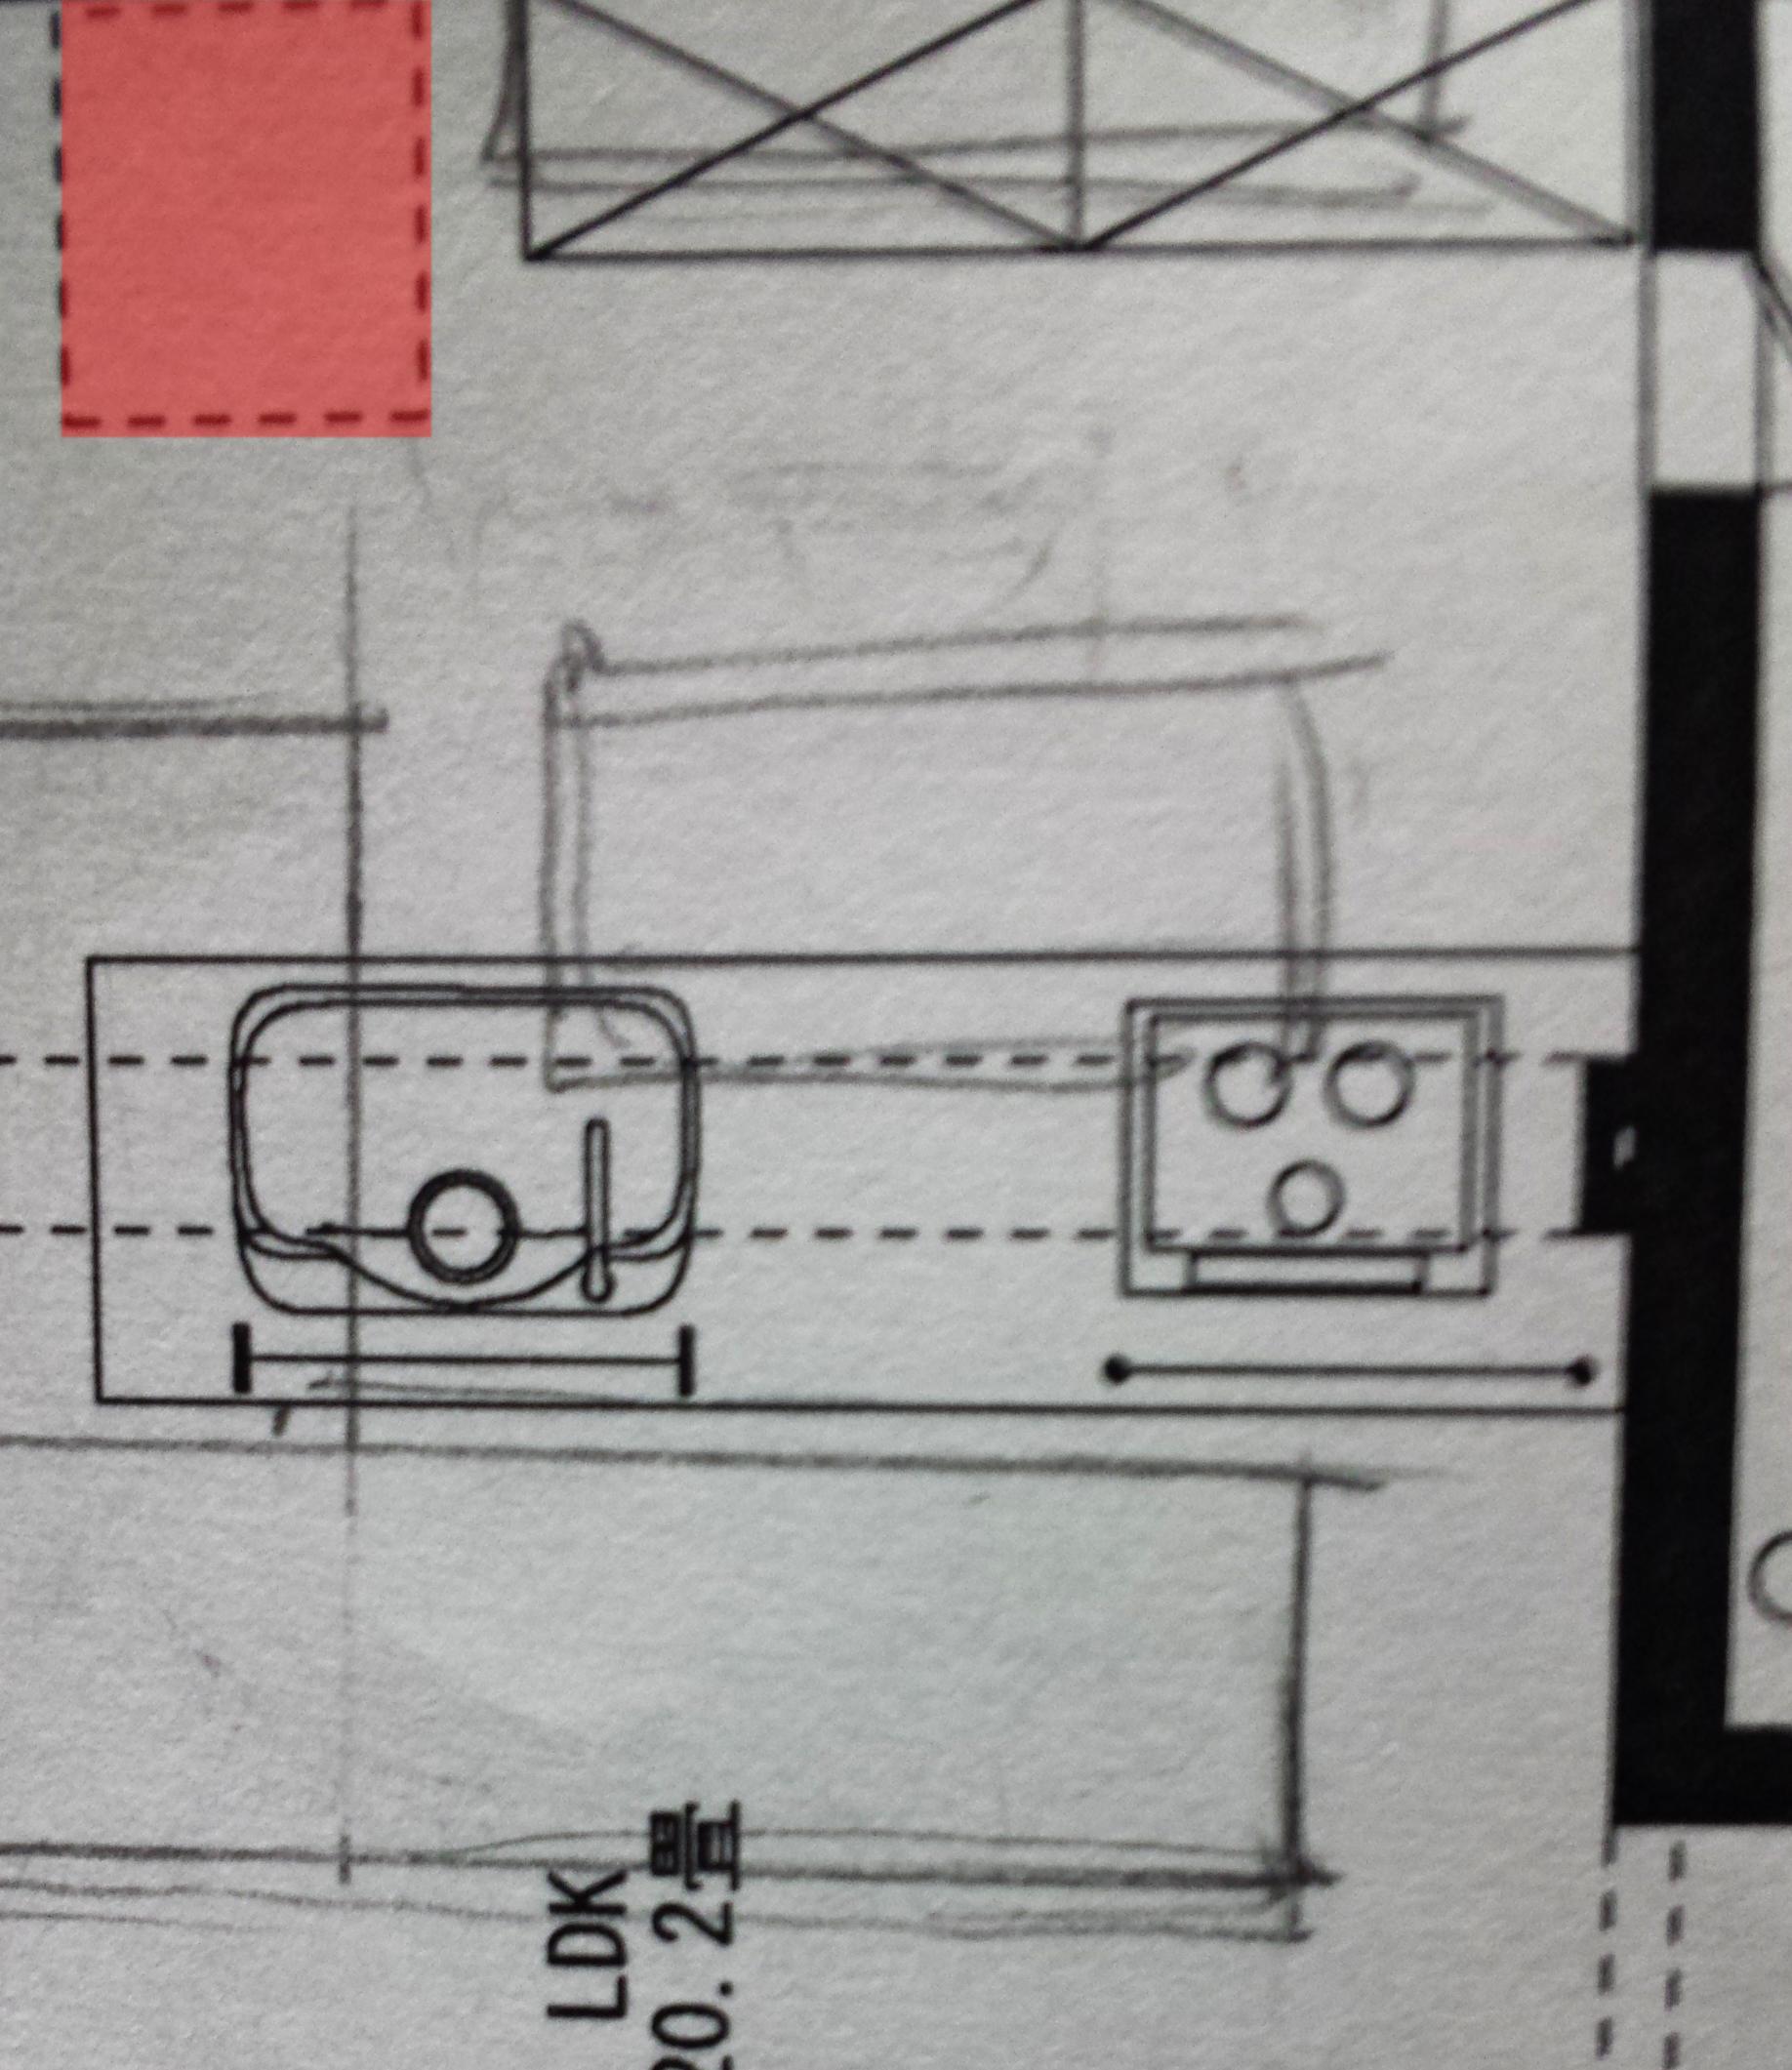 奥行きが厚い冷蔵庫を置くと入り口が狭くなる